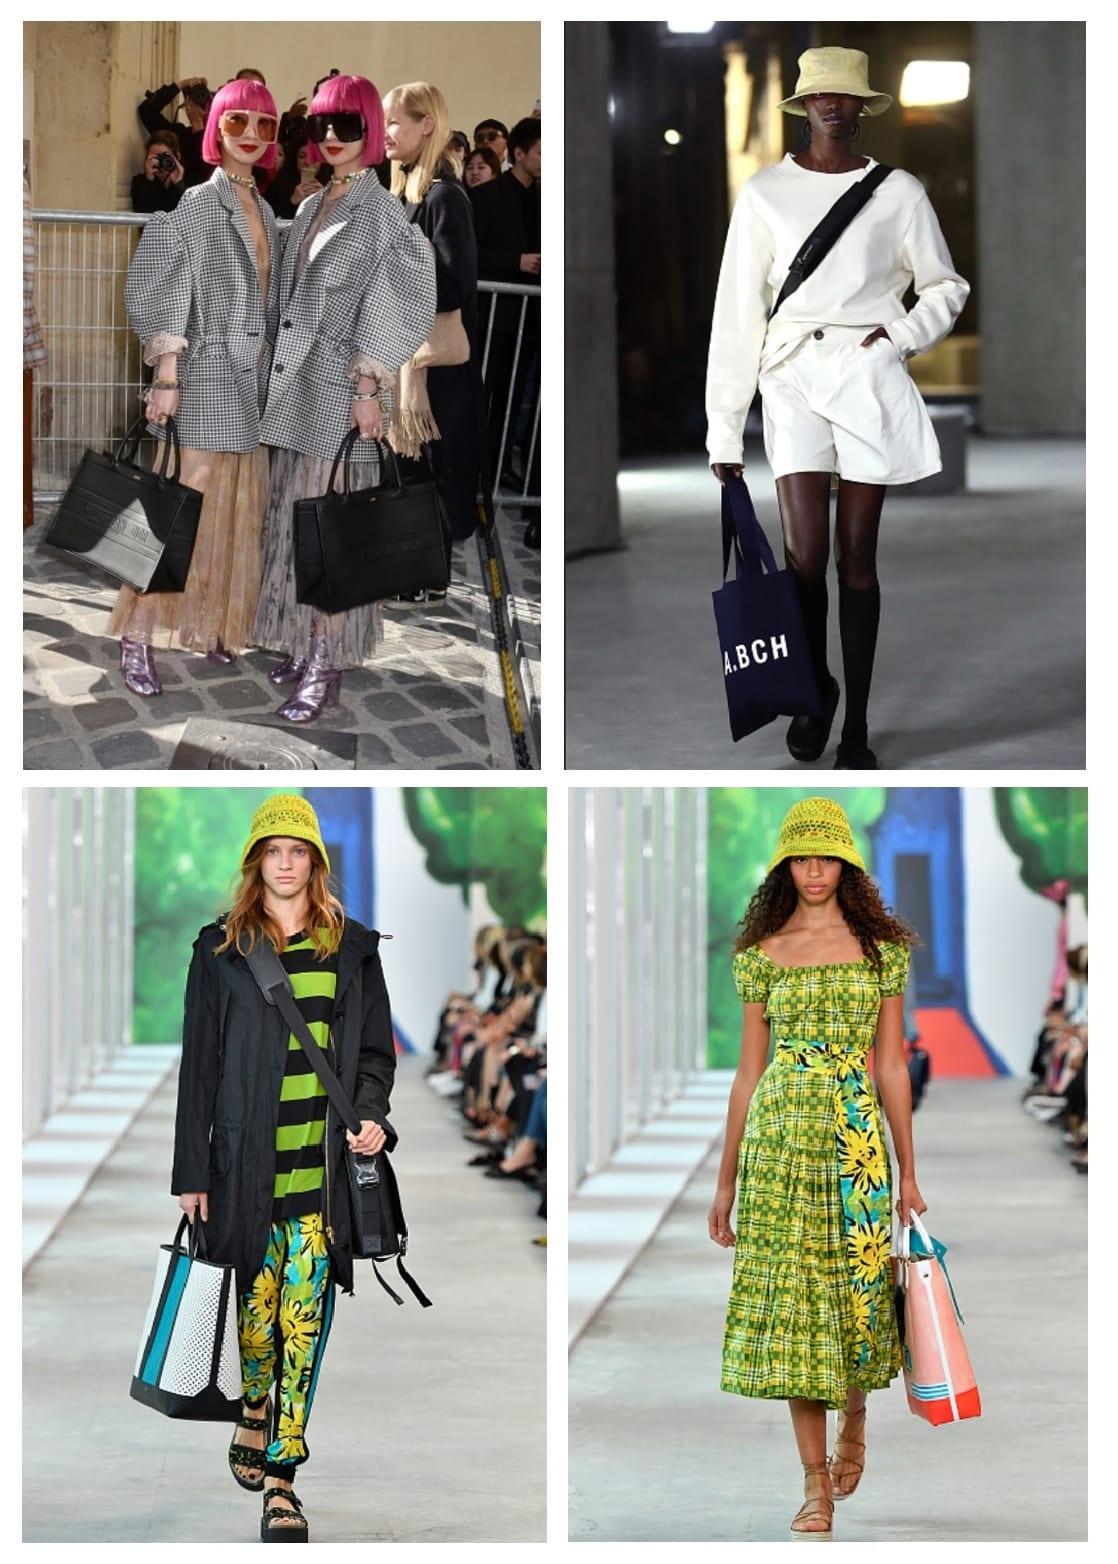 กระเป๋าผ้า ถุงผ้า กระเป๋าผ้าสะพายข้างผู้หญิง แบบกระเป๋าผ้า